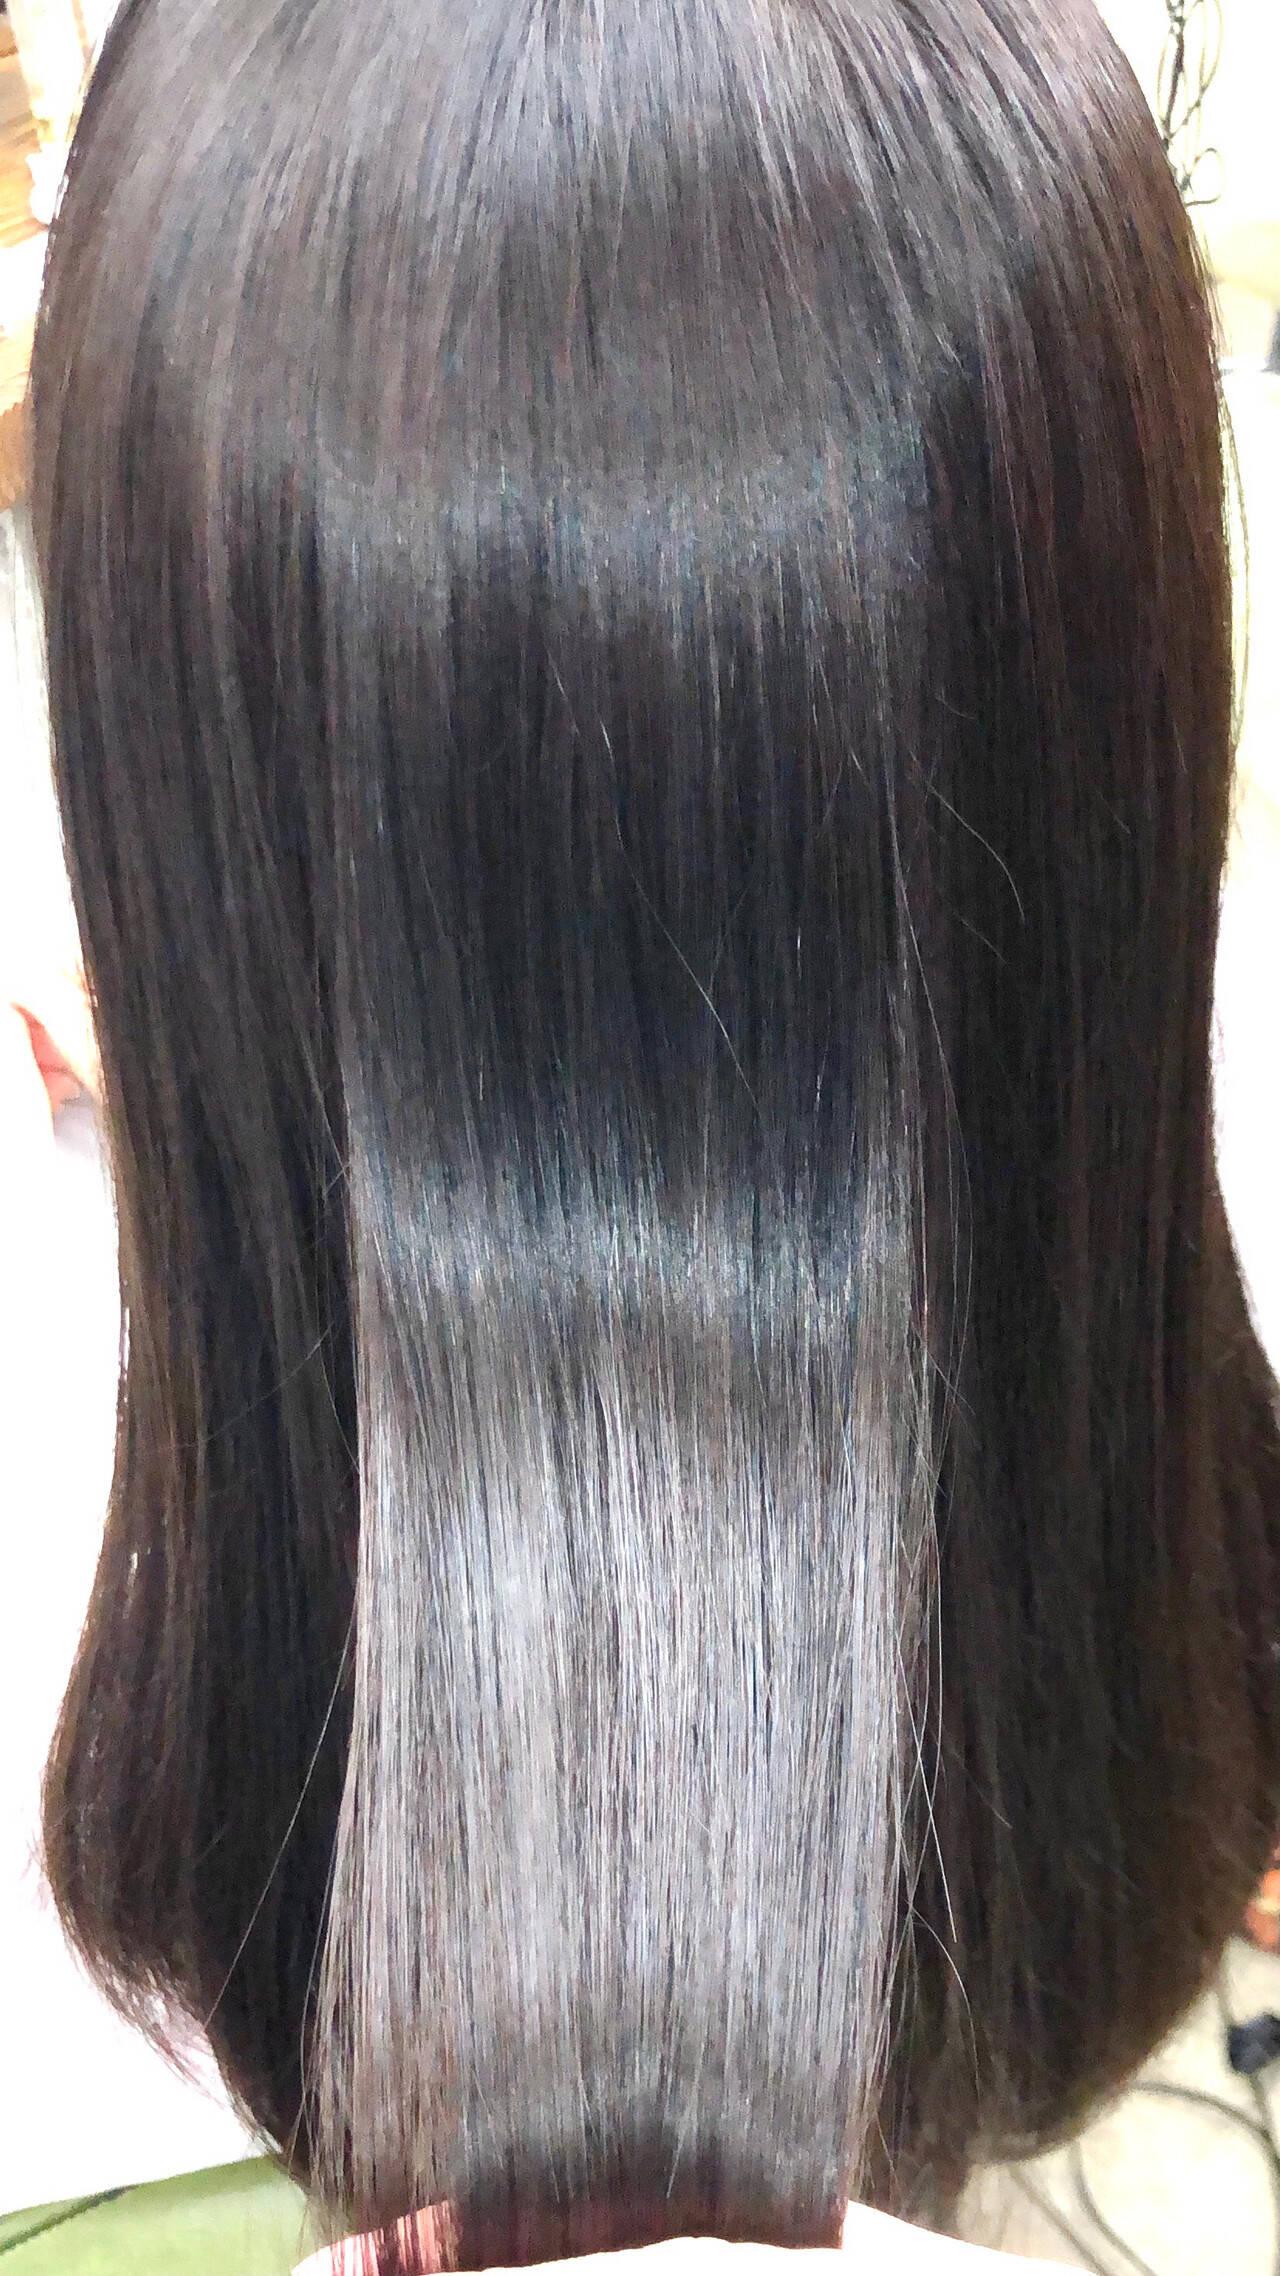 ツヤ髪 縮毛矯正 セミロング 美髪ヘアスタイルや髪型の写真・画像